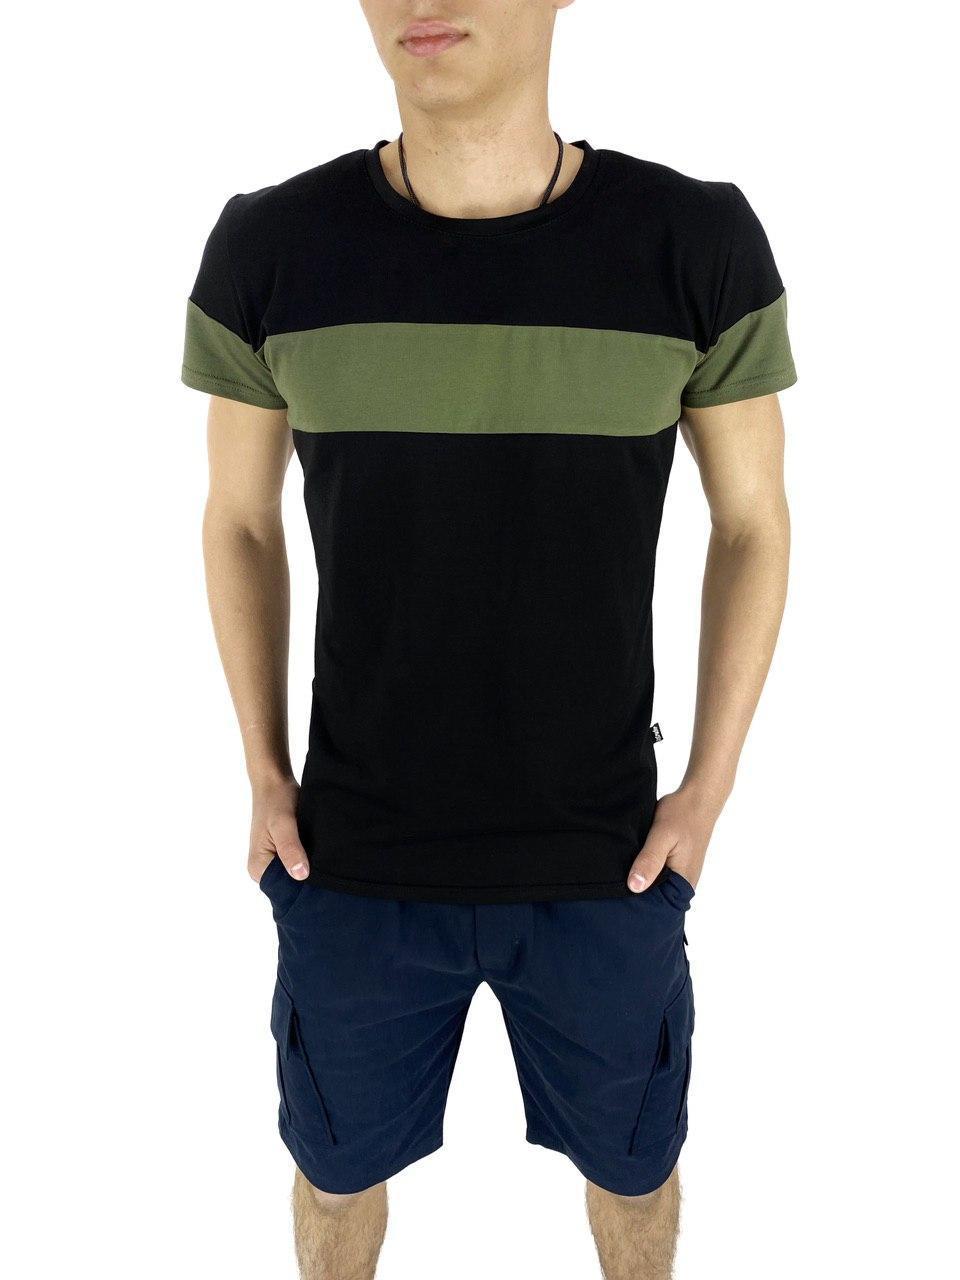 Комплект Футболка и шорты Intruder Color Stripe Miami S  Черный с синим (Kom 1589368709/ 1)